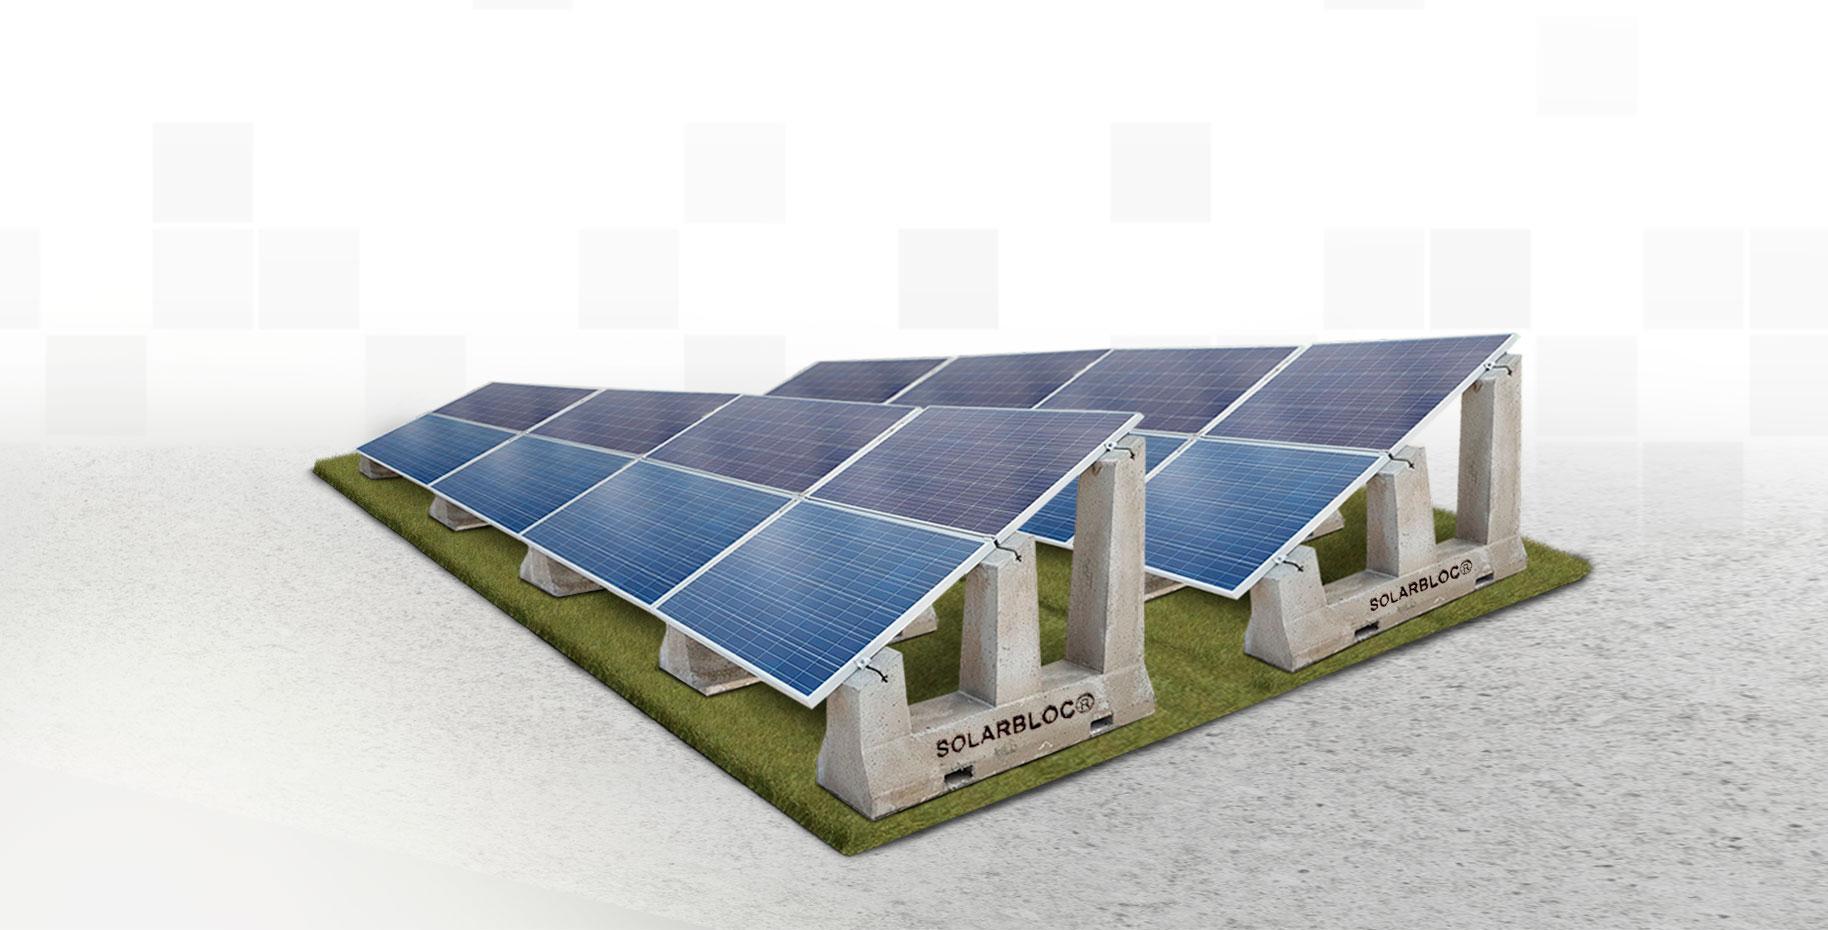 solarbloc HS 18